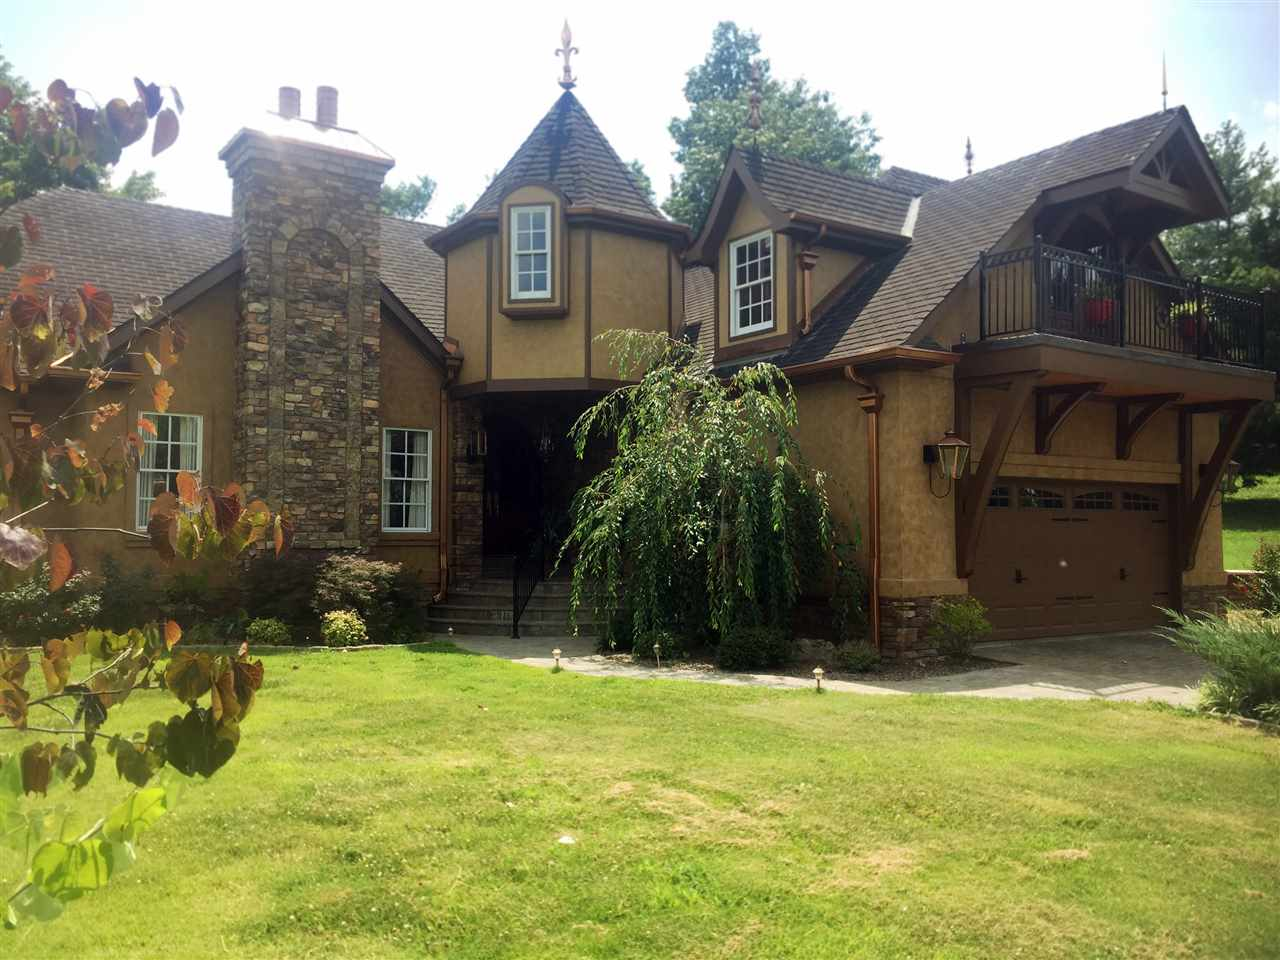 Real Estate for Sale, ListingId: 34483371, Gilbertsville,KY42044